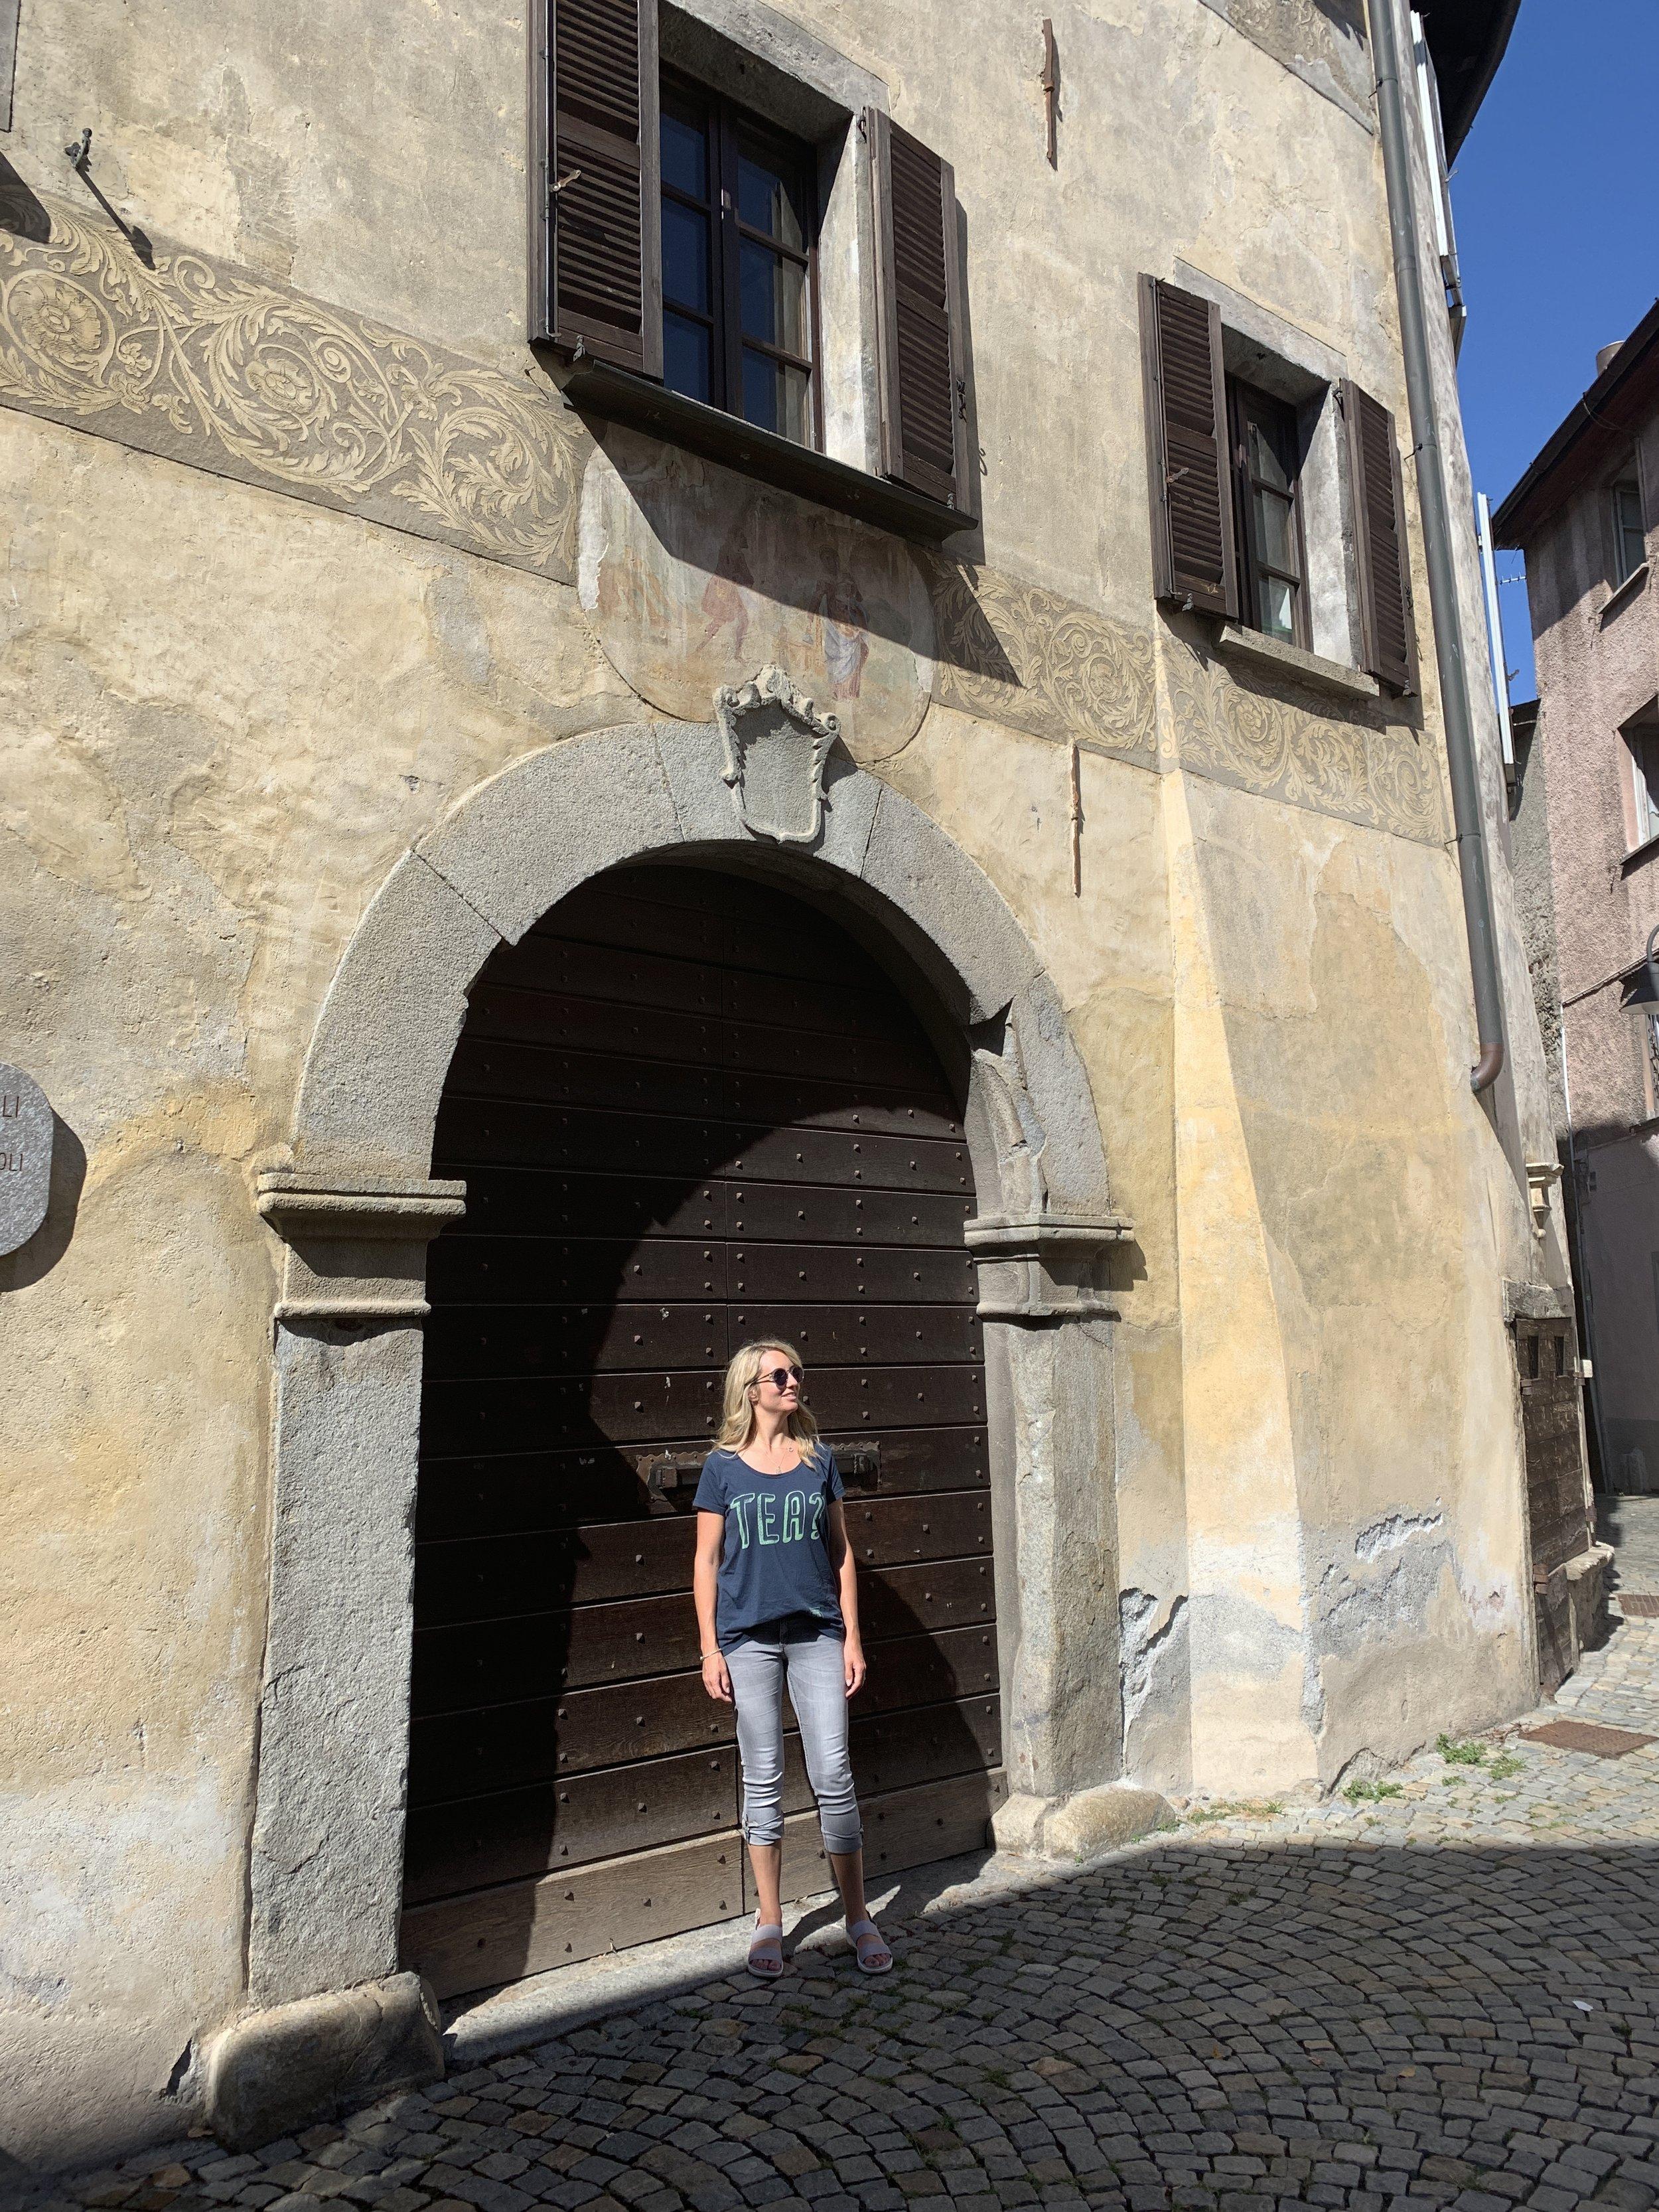 Exploring Tirano, Italy